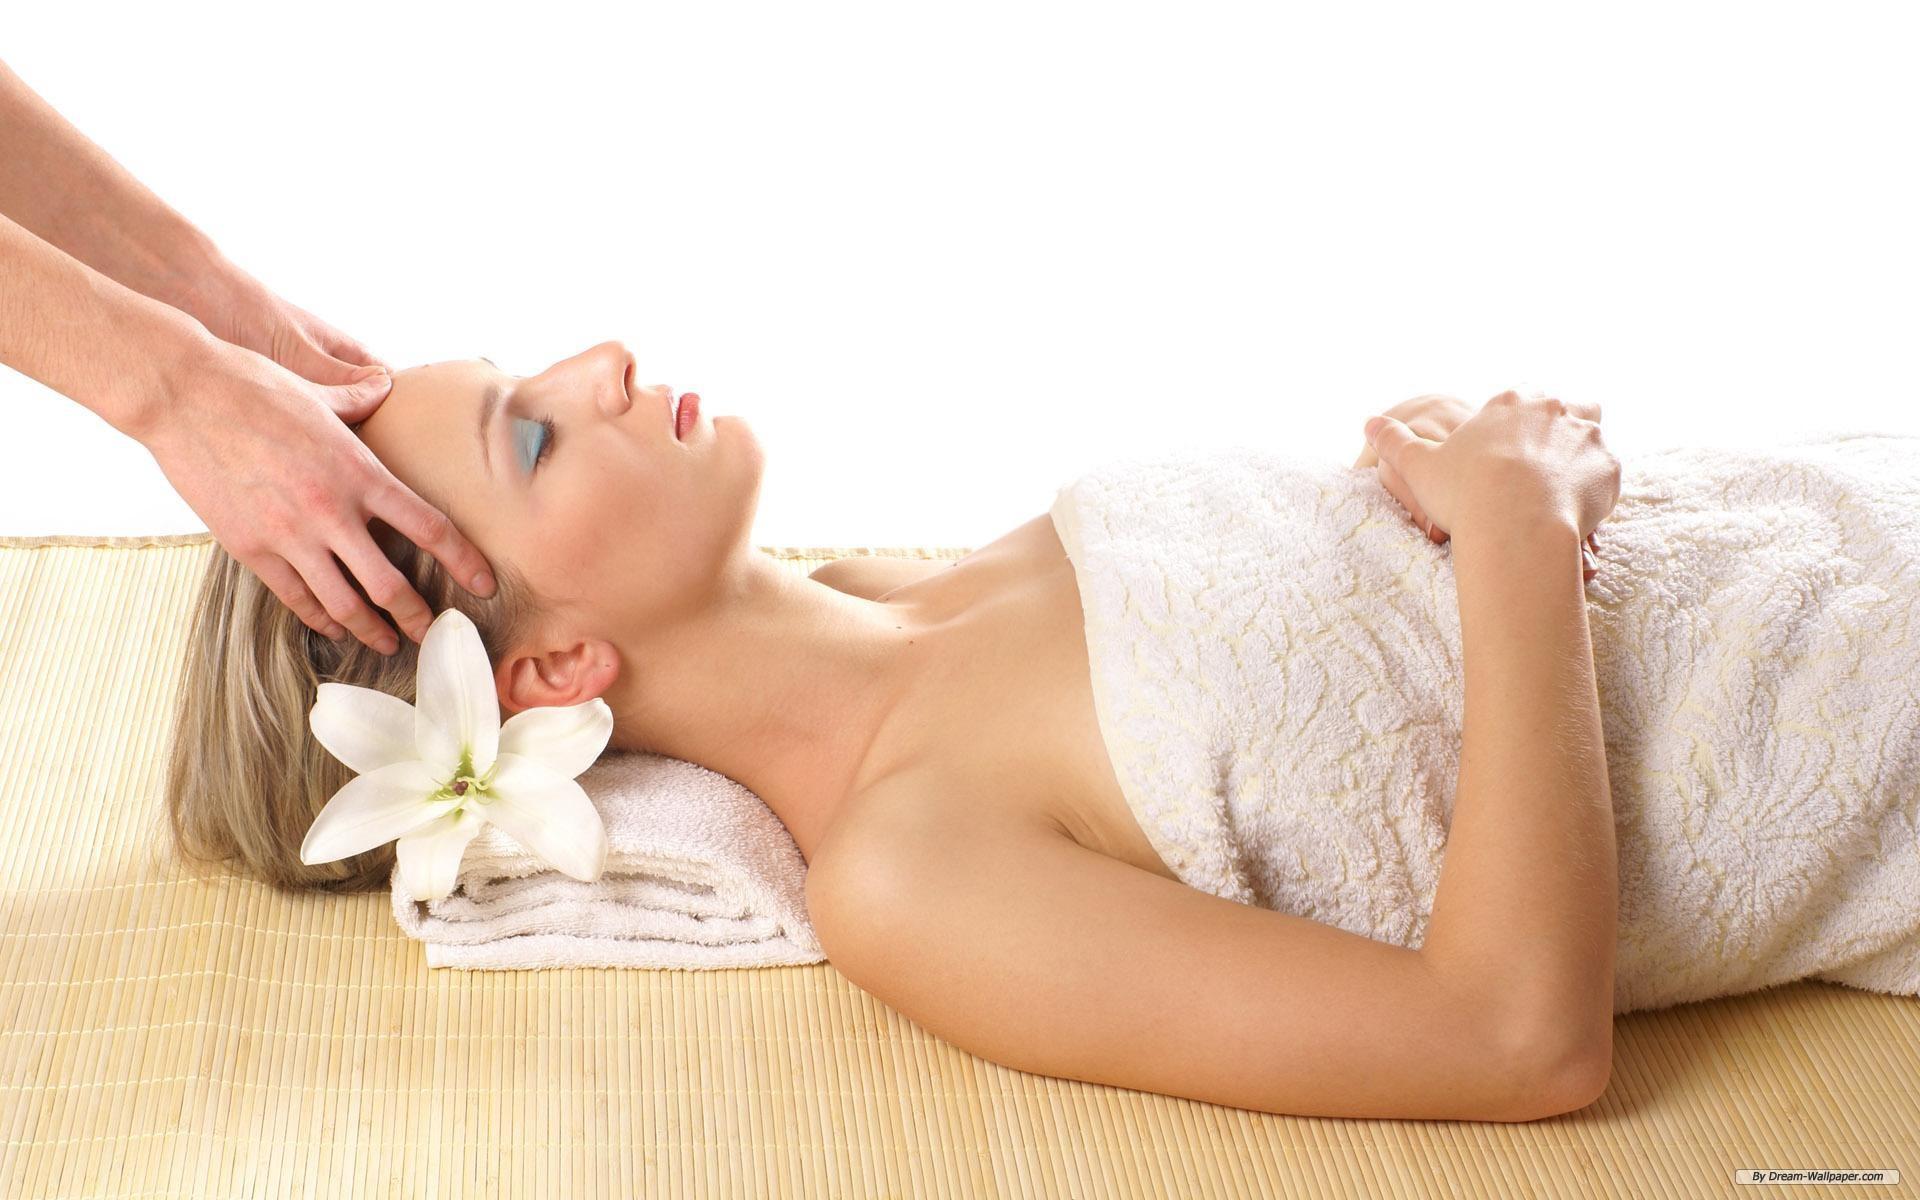 oergevoel-massage-1920x1200